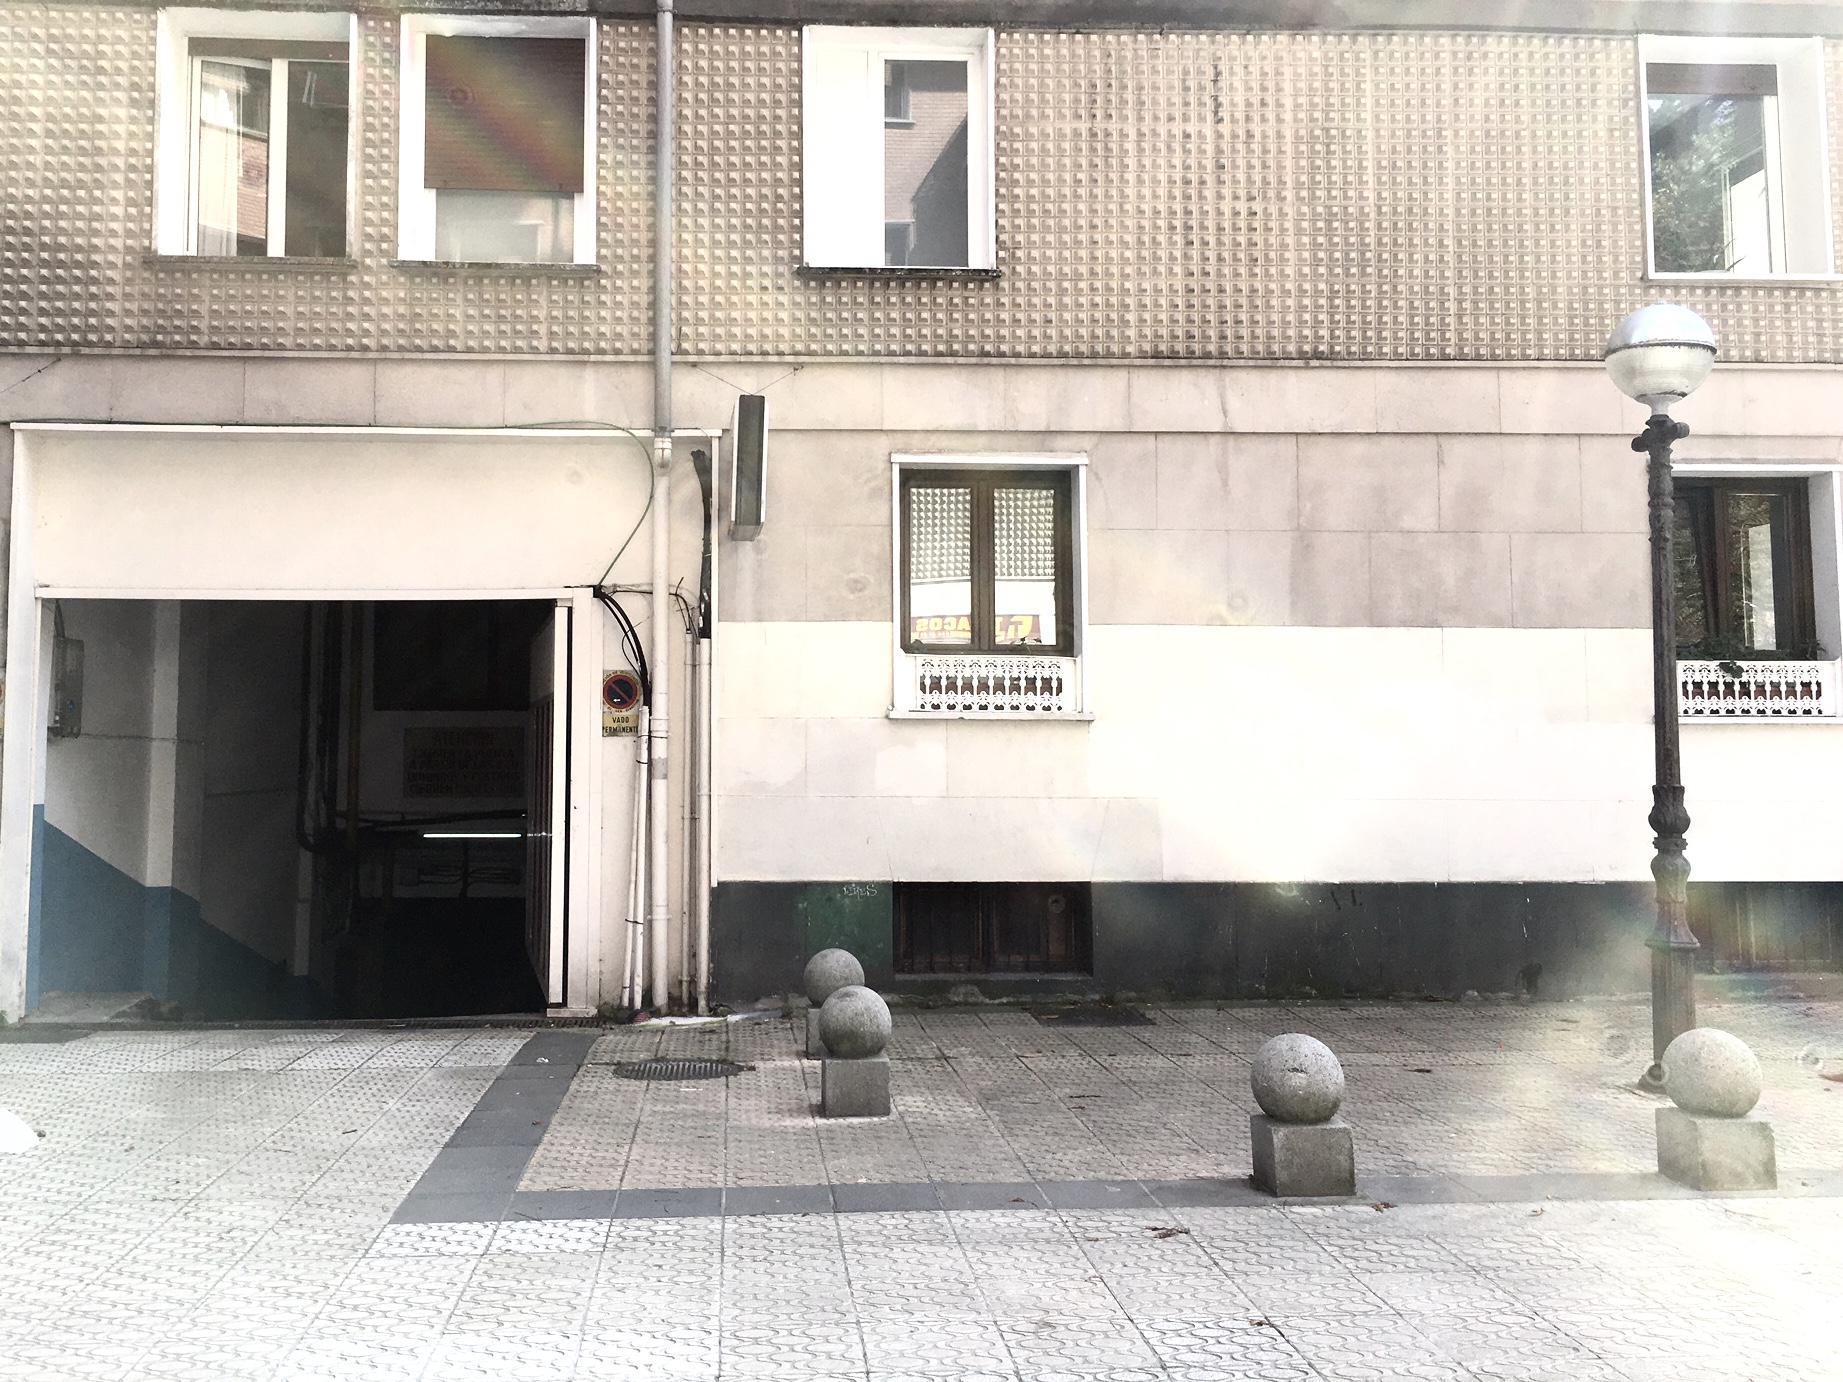 Imagen 2 Local Comercial en venta en San Sebastián / A 500m del centro, primera zona de Amara, Donostia